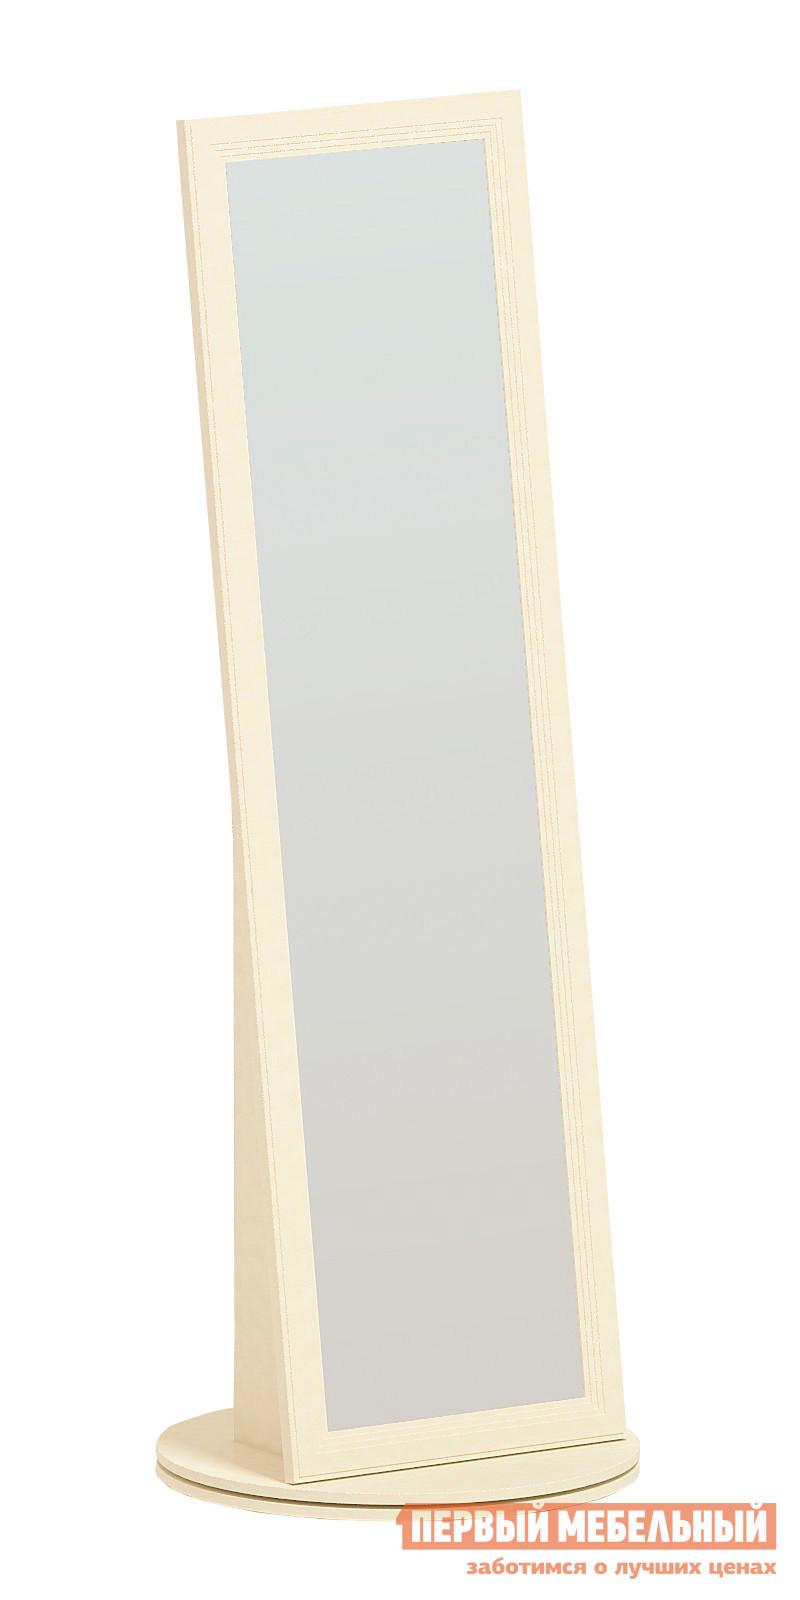 Напольное зеркало Заречье М17 Weave светлыйНапольные зеркала<br>Габаритные размеры ВхШхГ 1947x680x680 мм. Элегантное напольное зеркало выполнено из светлого дерева и имеет устойчивое основание.  Такая модель станет удачным дополнением вашего интерьера.  Благодаря высоте зеркала вы сможете видеть свое отражение в полный рост. Изделие выполнено из качественной ЛДСП толщиной 16 мм, качественный зеркальный элемент. Основание зеркала имеет поворотный механизм, что позволяет вращать зеркала до 360 градусов.  Размер зеркального полотна составляет (ВхШ): 1778 х 438 мм. Данное зеркало входит в комплект модульной серии «Ливадия».  Вы можете дополнить гарнитур элементами серии, создав свой собственный индивидуальный интерьер.<br><br>Цвет: Бежевый<br>Высота мм: 1947<br>Ширина мм: 680<br>Глубина мм: 680<br>Кол-во упаковок: 2<br>Форма поставки: В разобранном виде<br>Срок гарантии: 24 месяца<br>Тип: Поворотные<br>Назначение: Для спальни<br>Материал: Дерево<br>Материал: ЛДСП<br>Форма: Прямоугольные<br>На ножках: Да<br>В полный рост: Да<br>На подставке: Да<br>Тип рамы: В раме